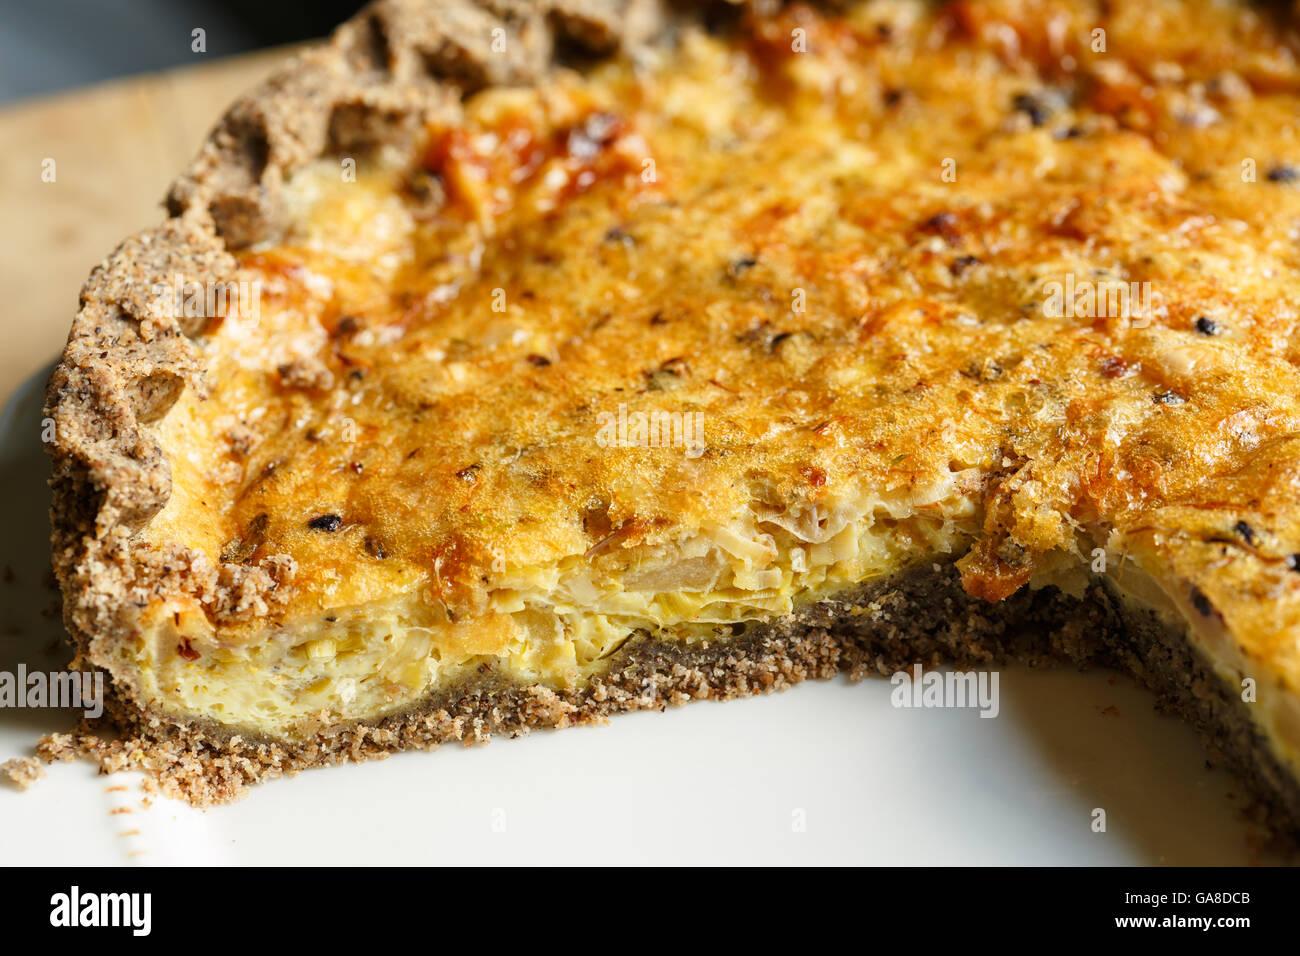 Glutenfreie Buchweizen Tortenboden mit Eiern, Gruyere, Äpfel und Zwiebeln gefüllt Stockbild